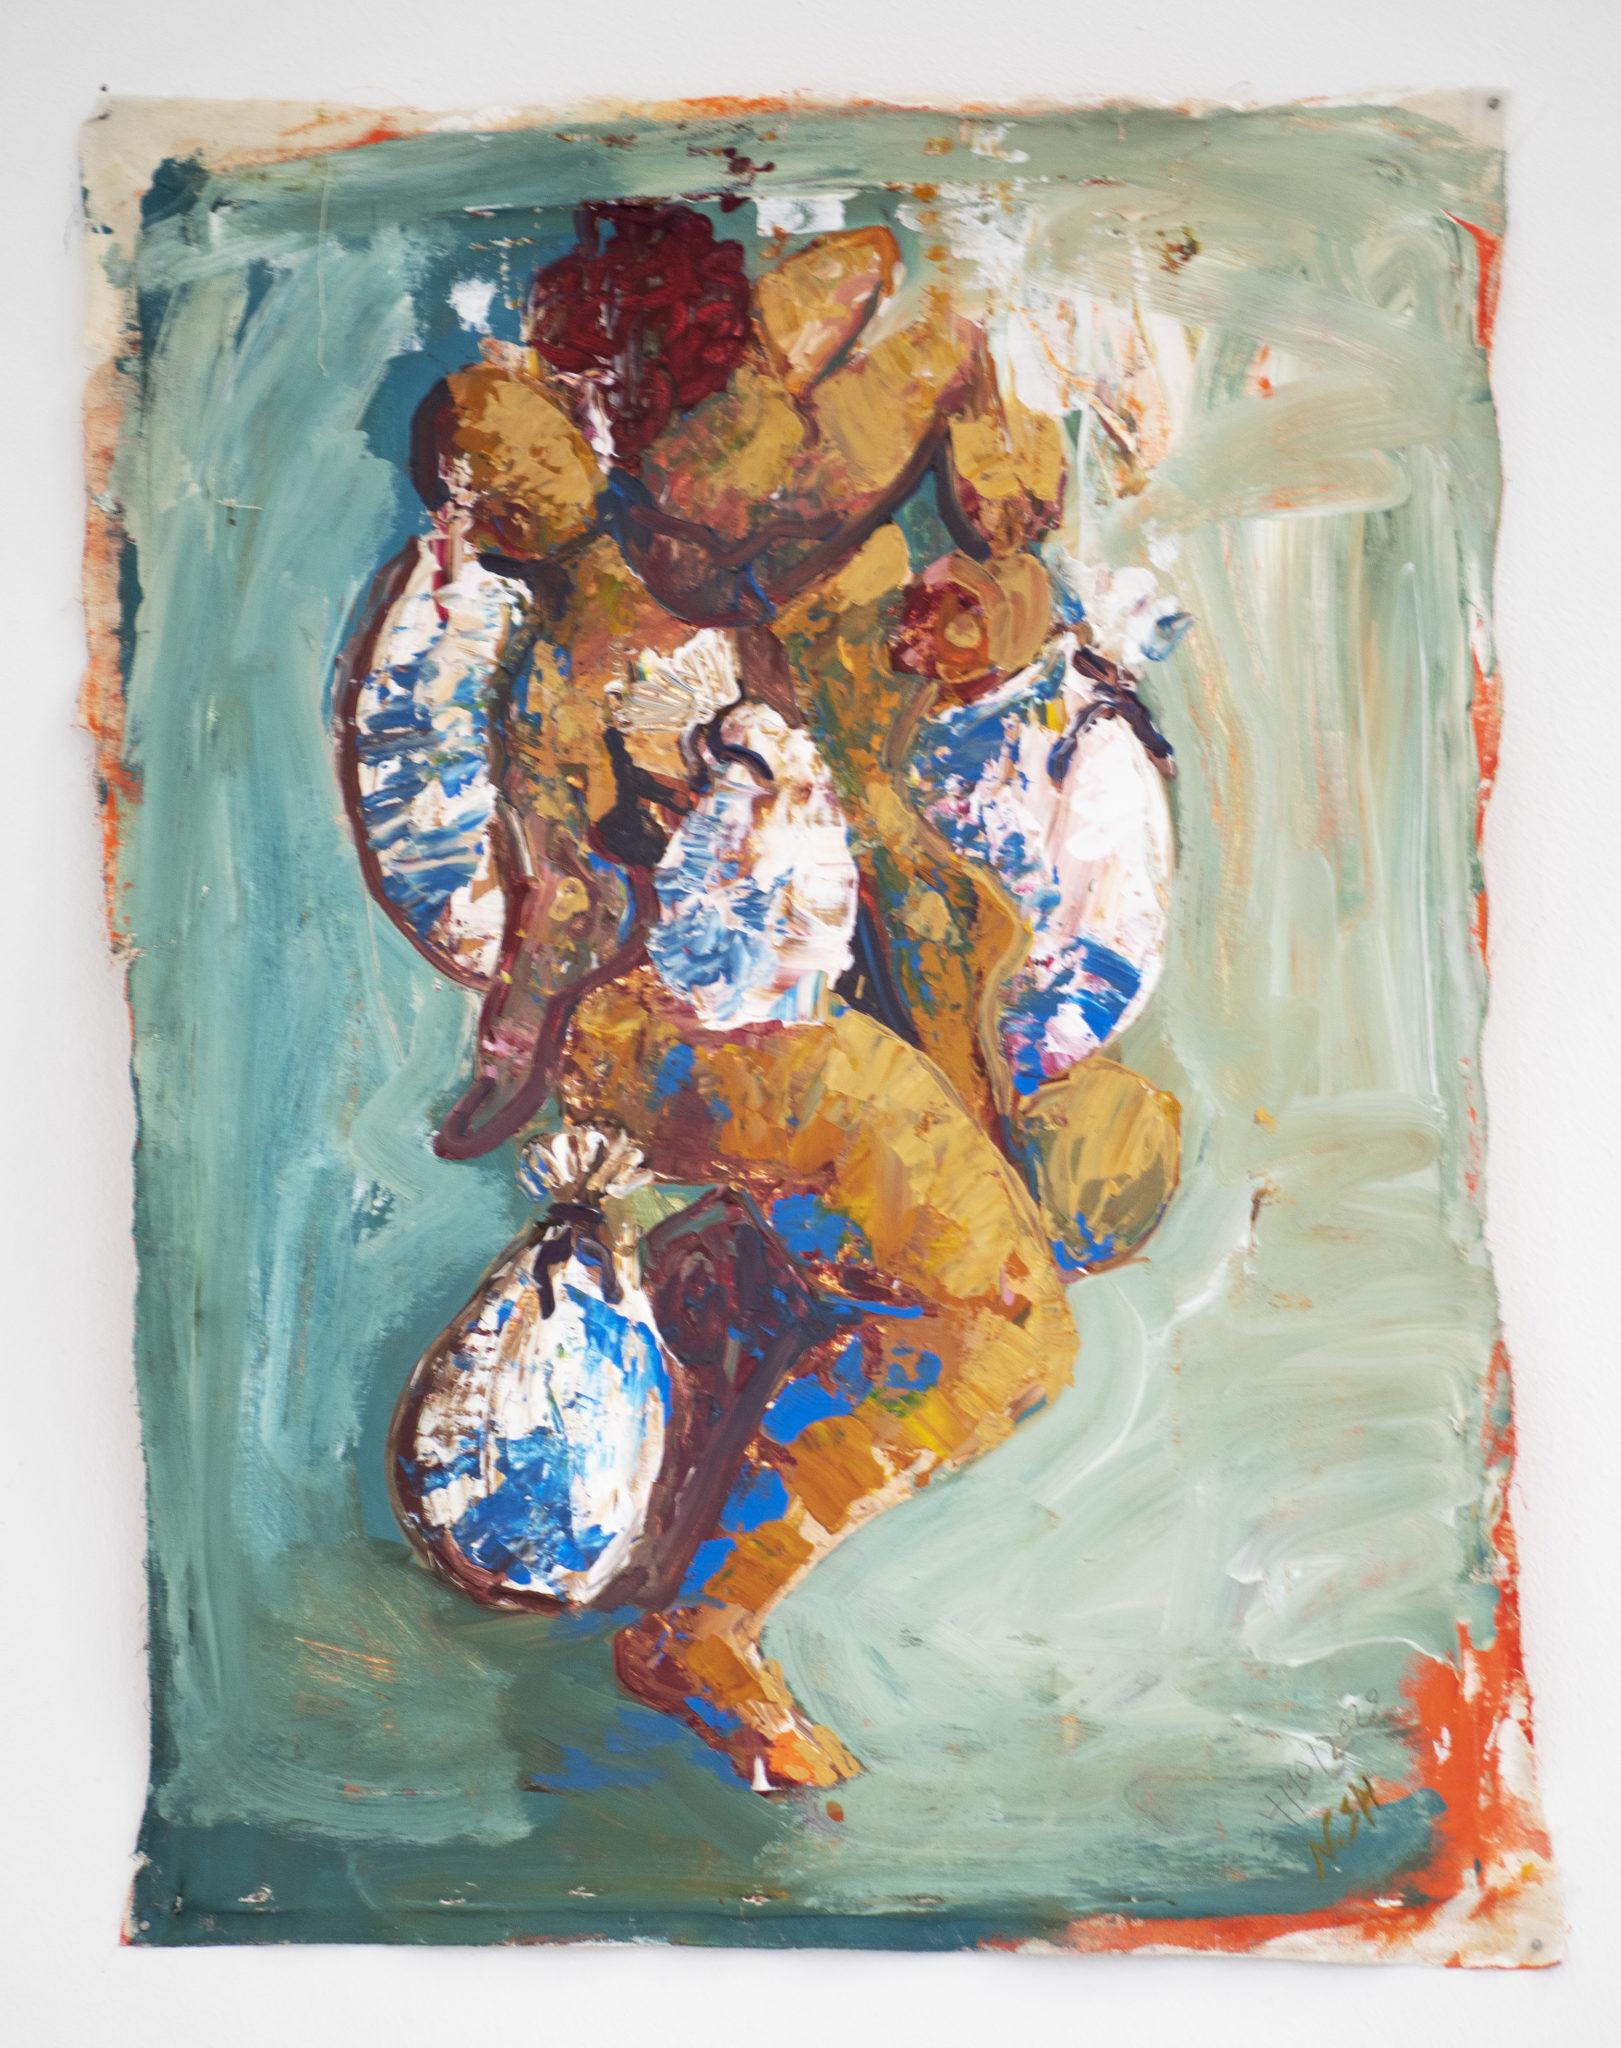 Nesren Shalgheen, Die Entstehnung, Acryl auf Leinenstoffe, 80x65 ,2020